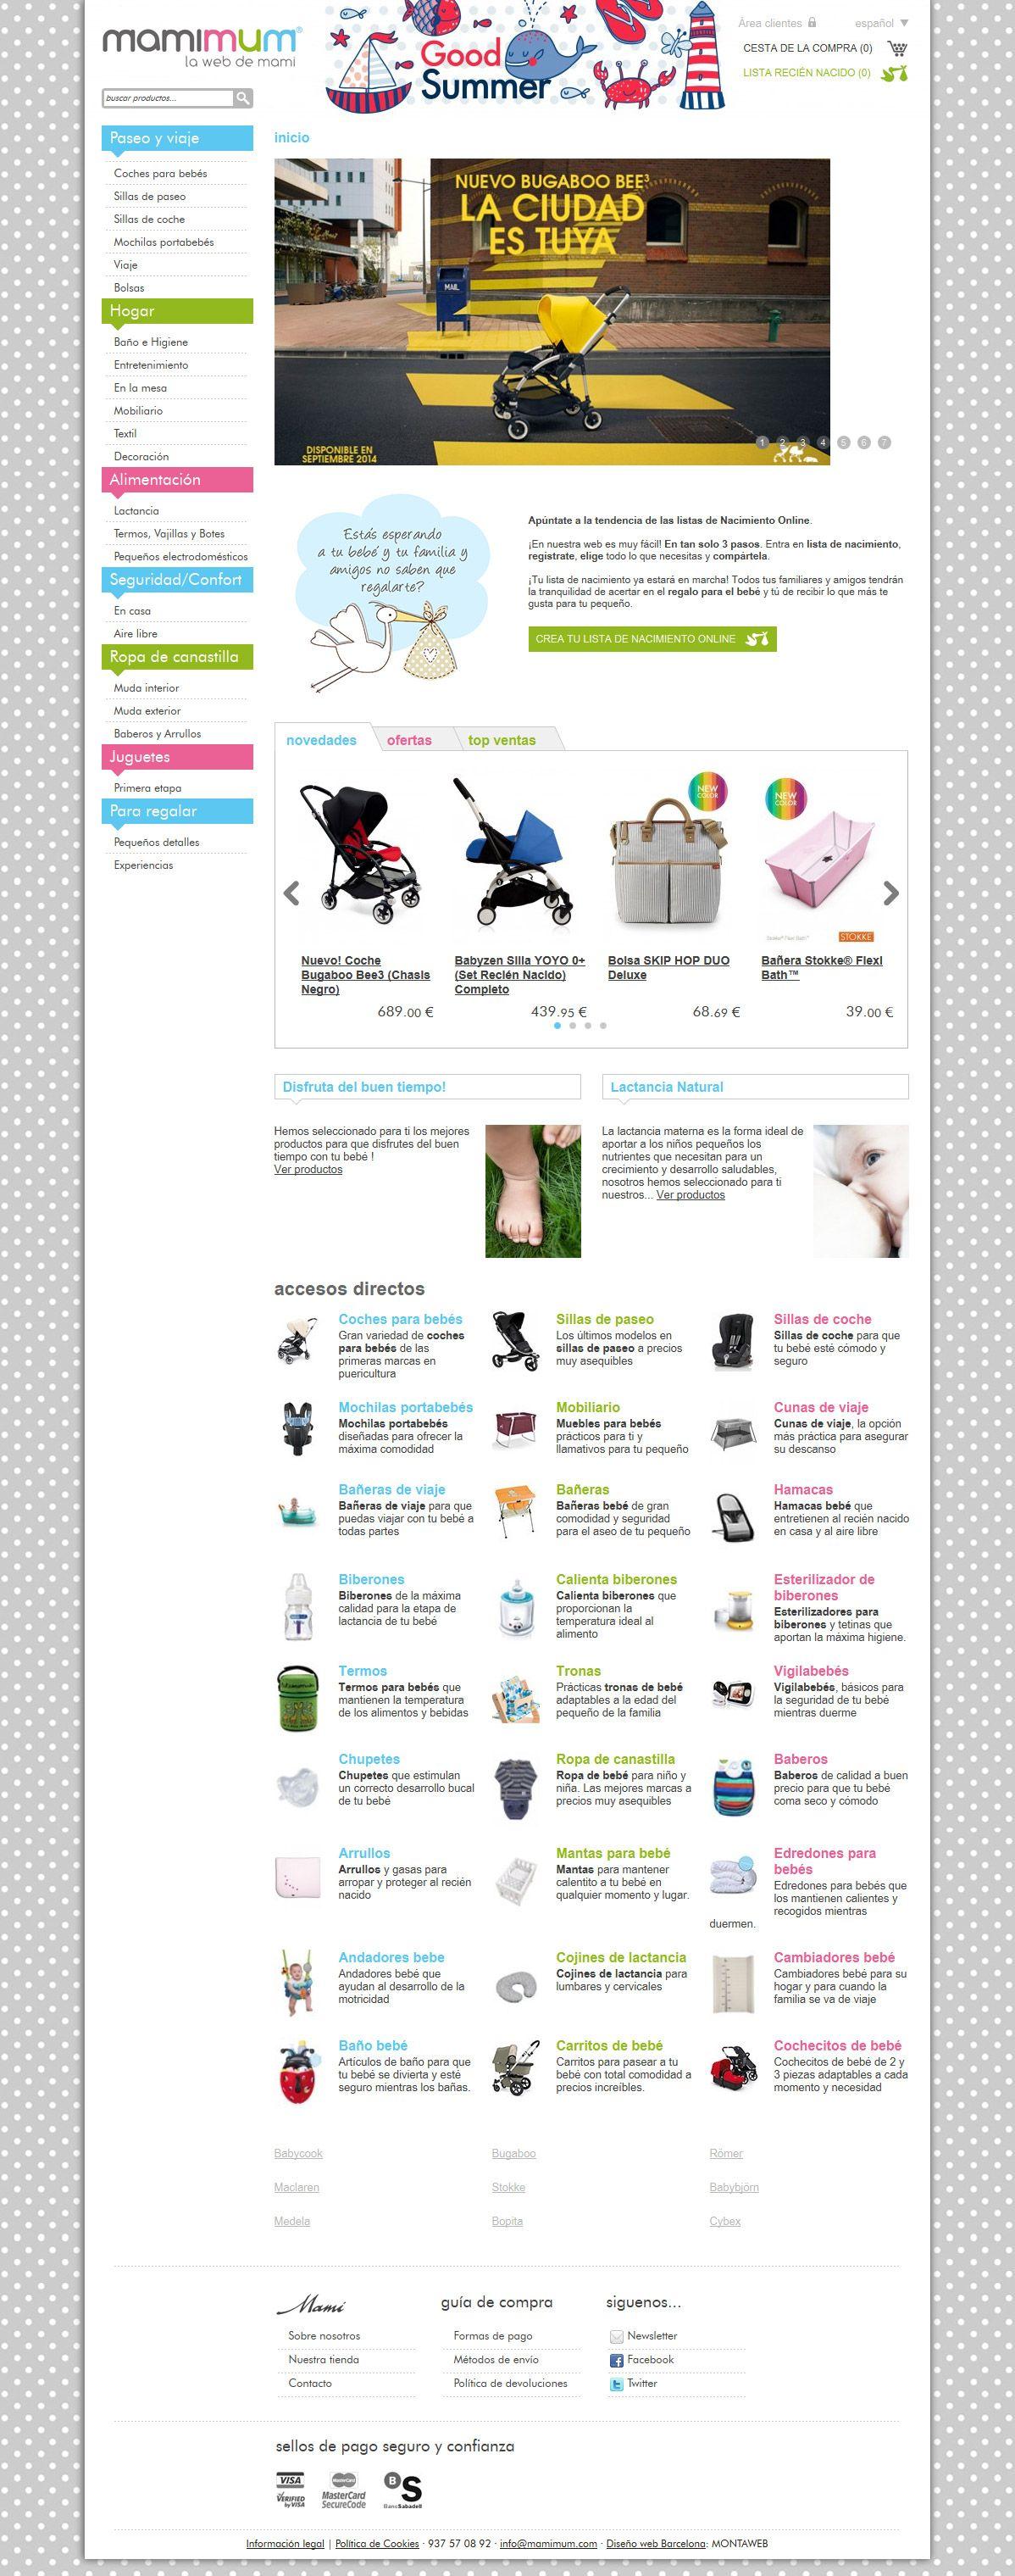 Mamimum.com es una #tienda online para #bebés de #ropa, mobiliario y accesorios de las mejores marcas.  La #web #shop ofrece un amplio catálogo de productos y categorías totalmente autoadministrables por el cliente. Es rápida e intuitiva, con un #diseño atractivo y alegre.